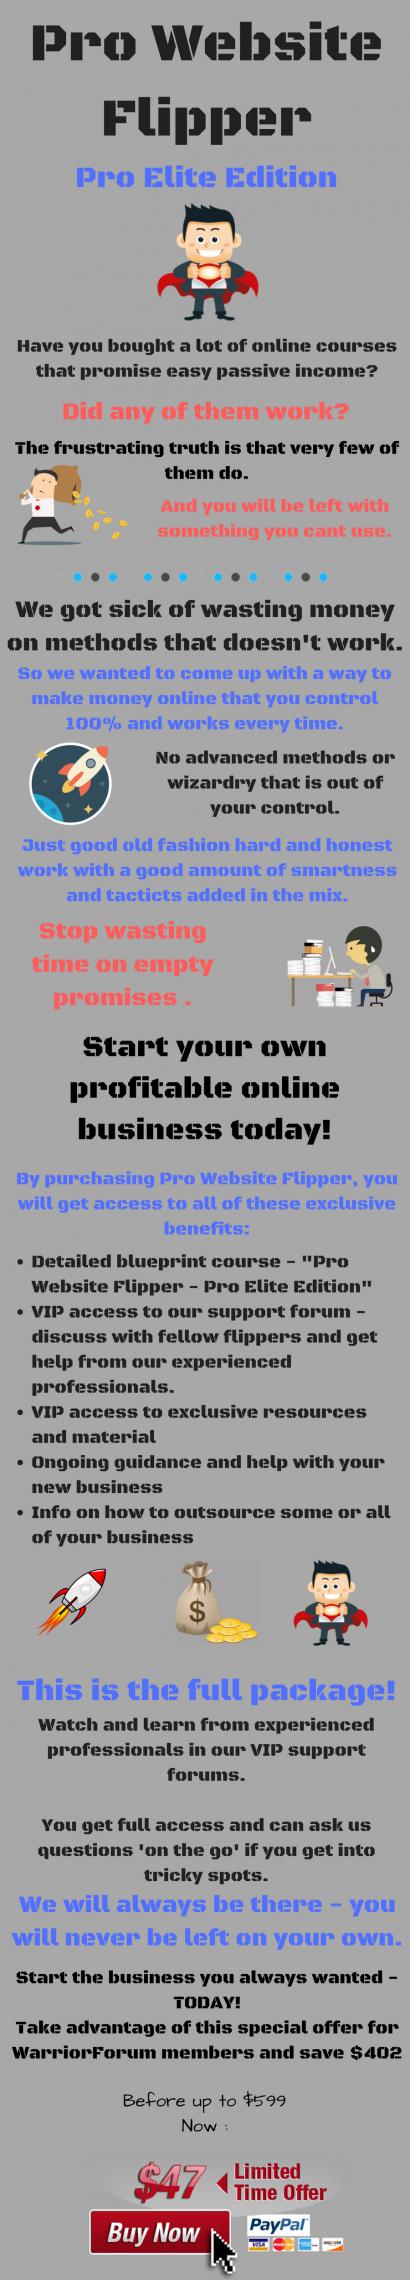 零基础教您如何出售网站盈利一步一步指南(Pro Website Flipper)